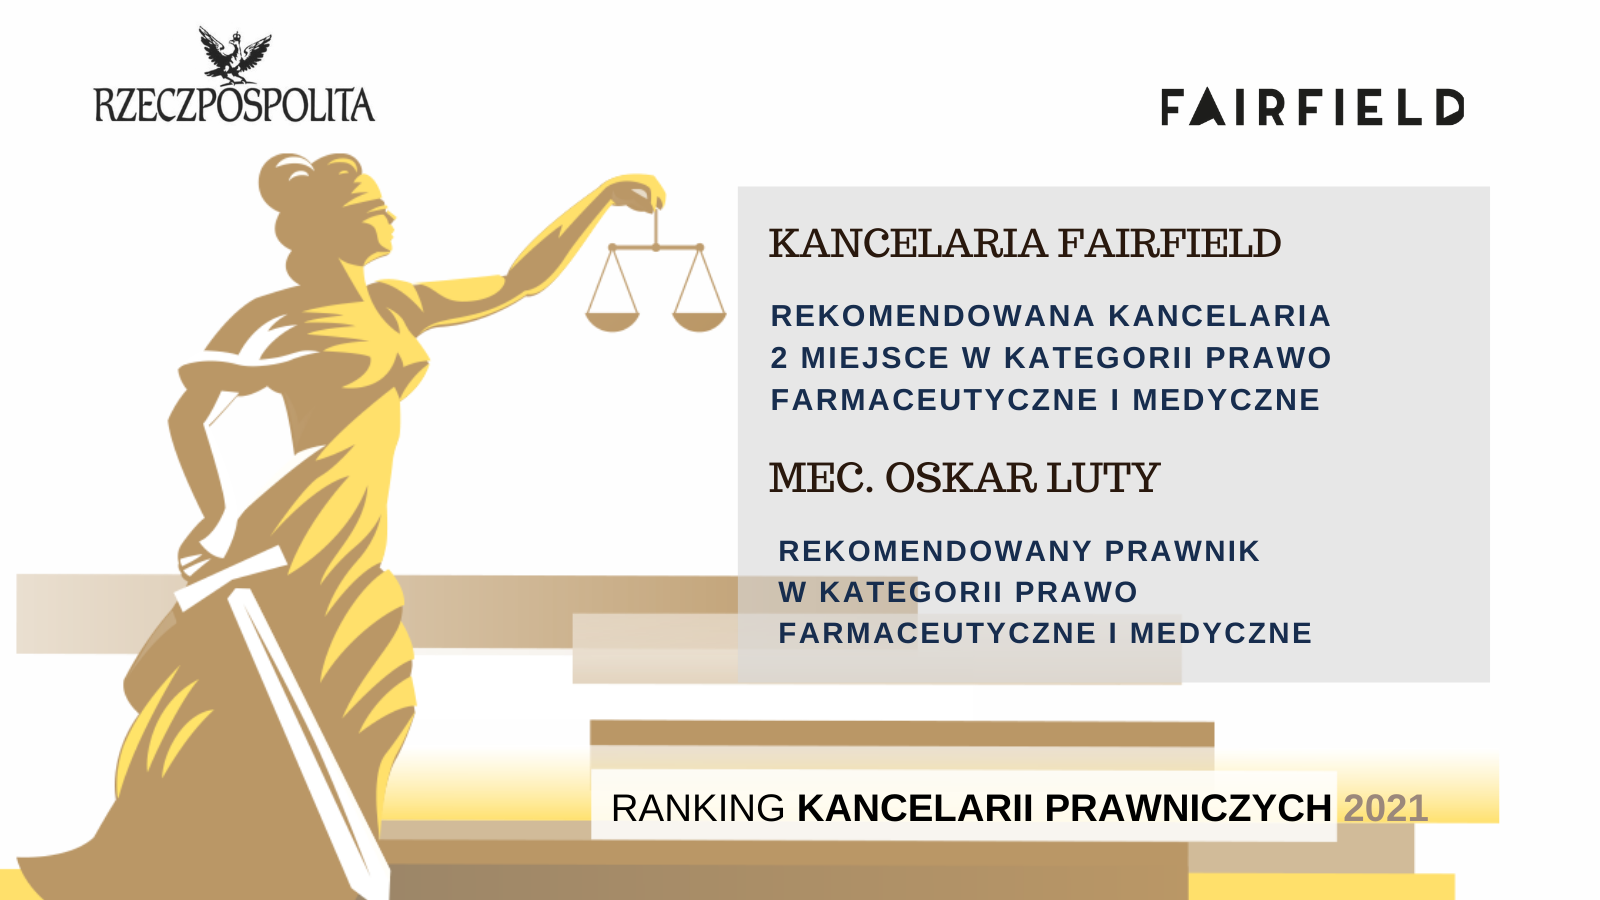 Kancelaria Fairfield wyróżniona w Rankingu Kancelarii Prawniczych Dziennika Rzeczpospolita 2021